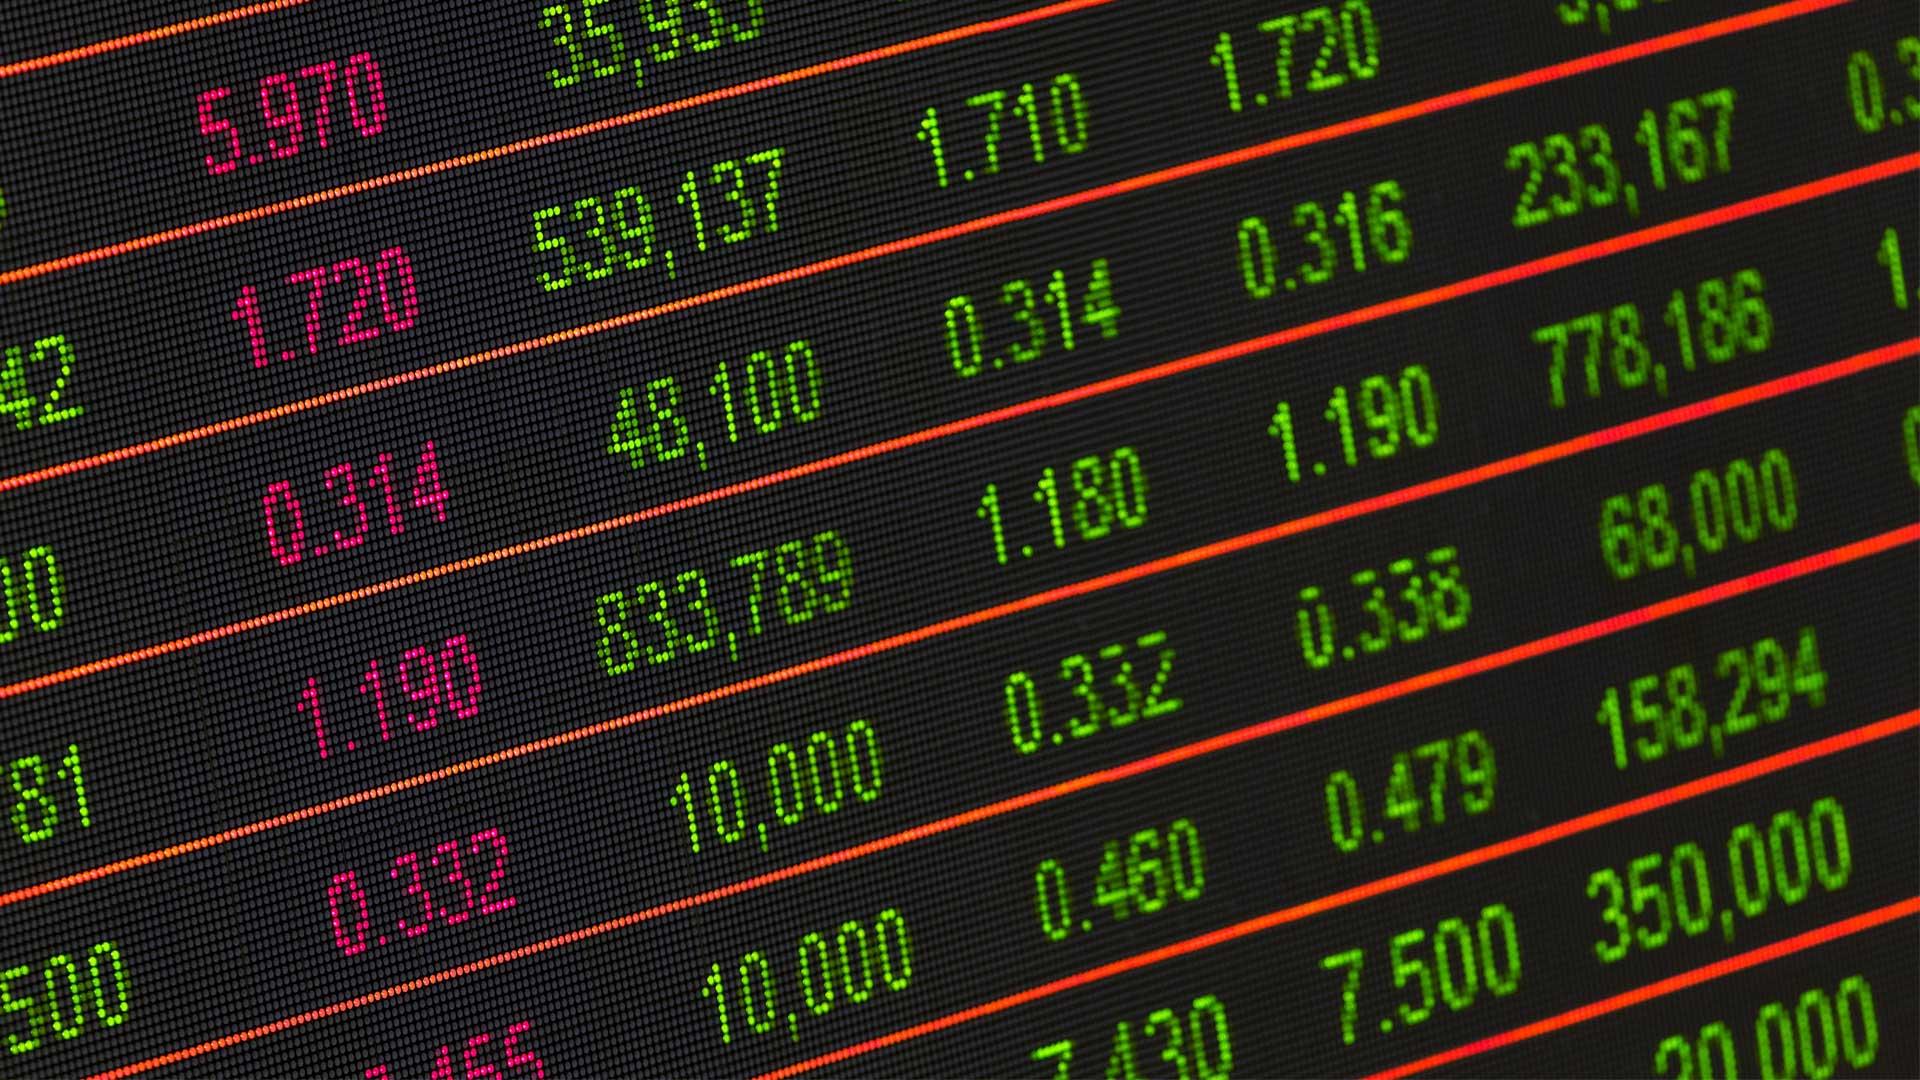 La inversión extranjera directa mundial cae un 49%, la perspectiva sigue siendo negativa.